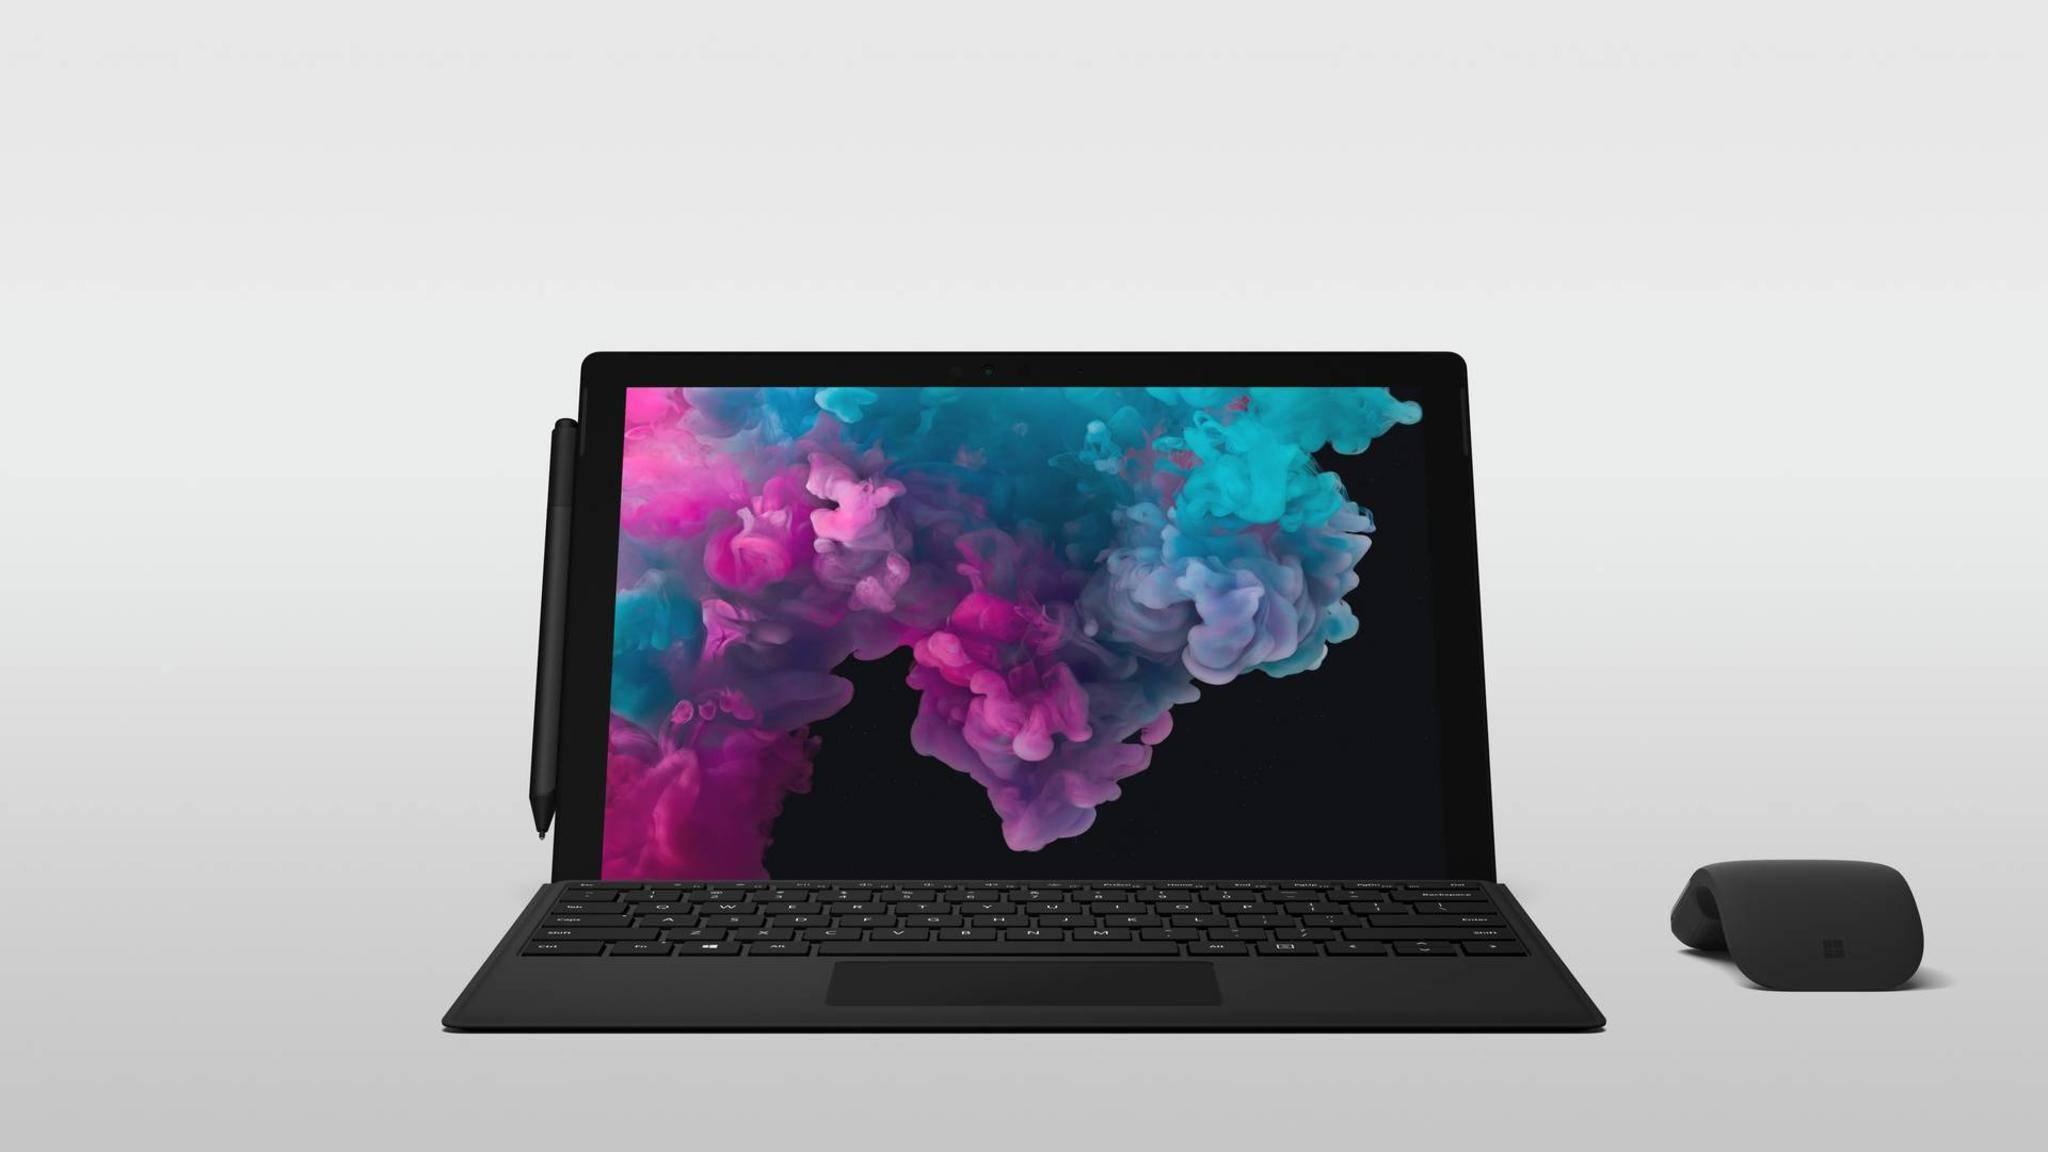 Nächstes Jahr soll Microsoft einen neuen Surface Laptop in Kooperation mit AMD veröffentlichen.